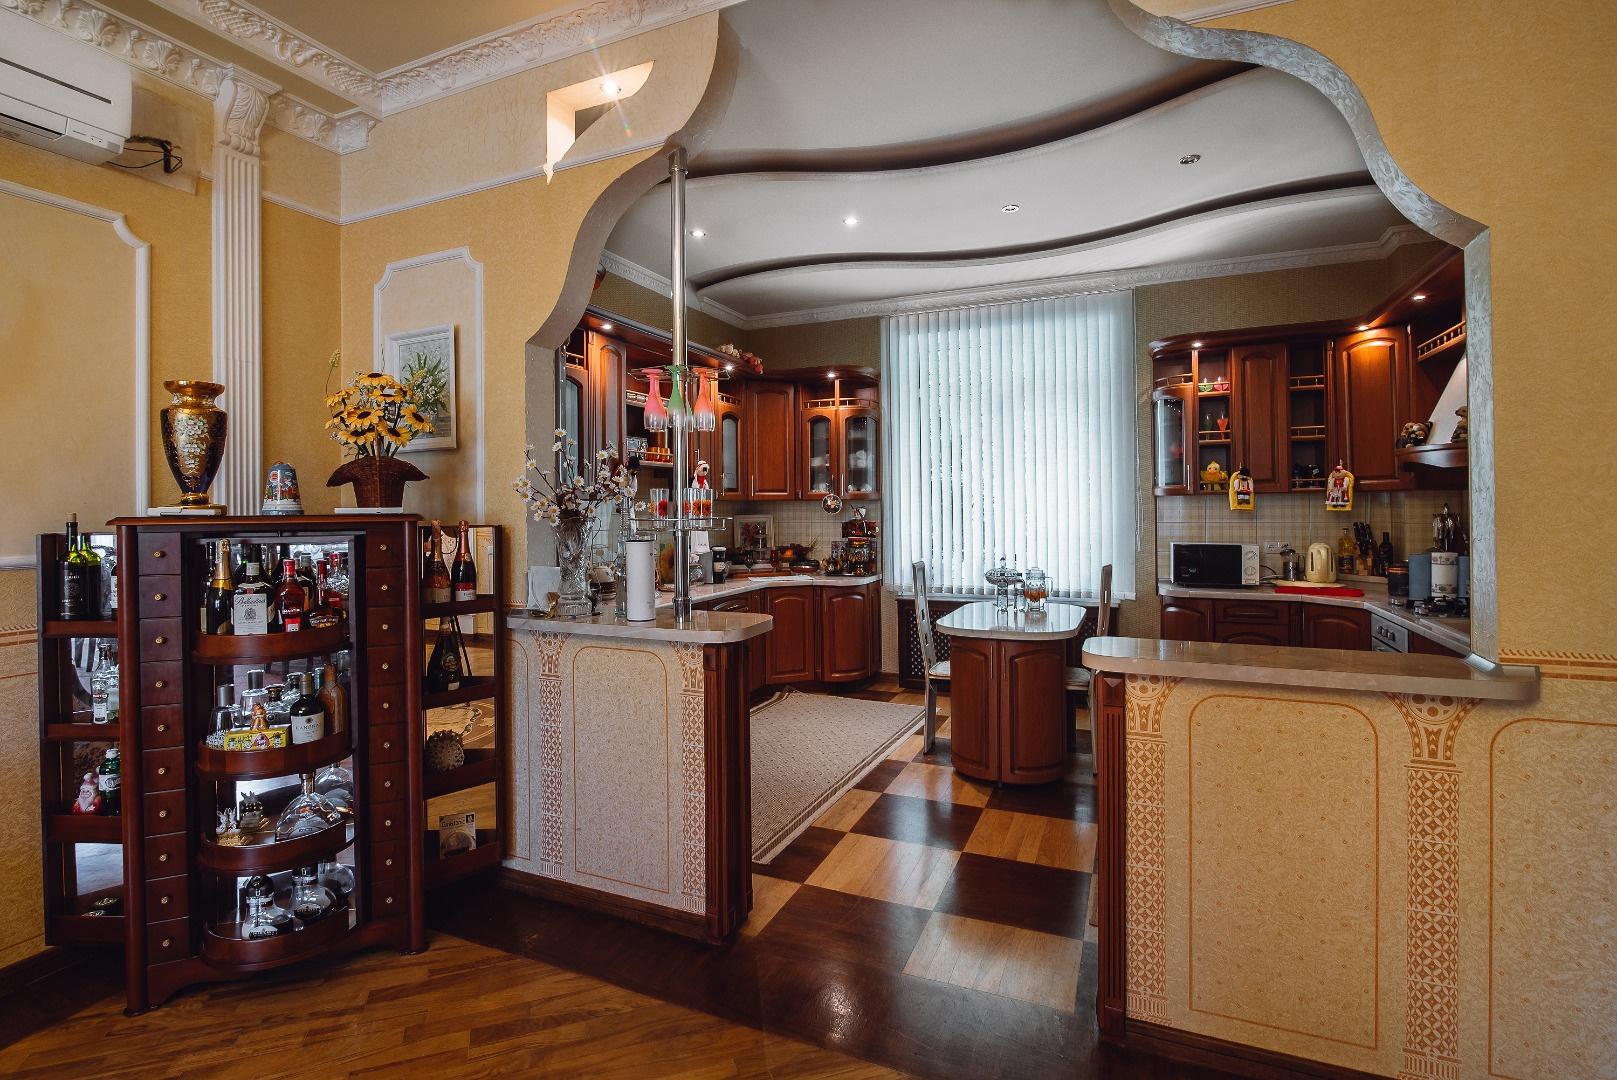 Продается Дом на ул. Аркадиевский Пер. — 1 500 000 у.е. (фото №10)